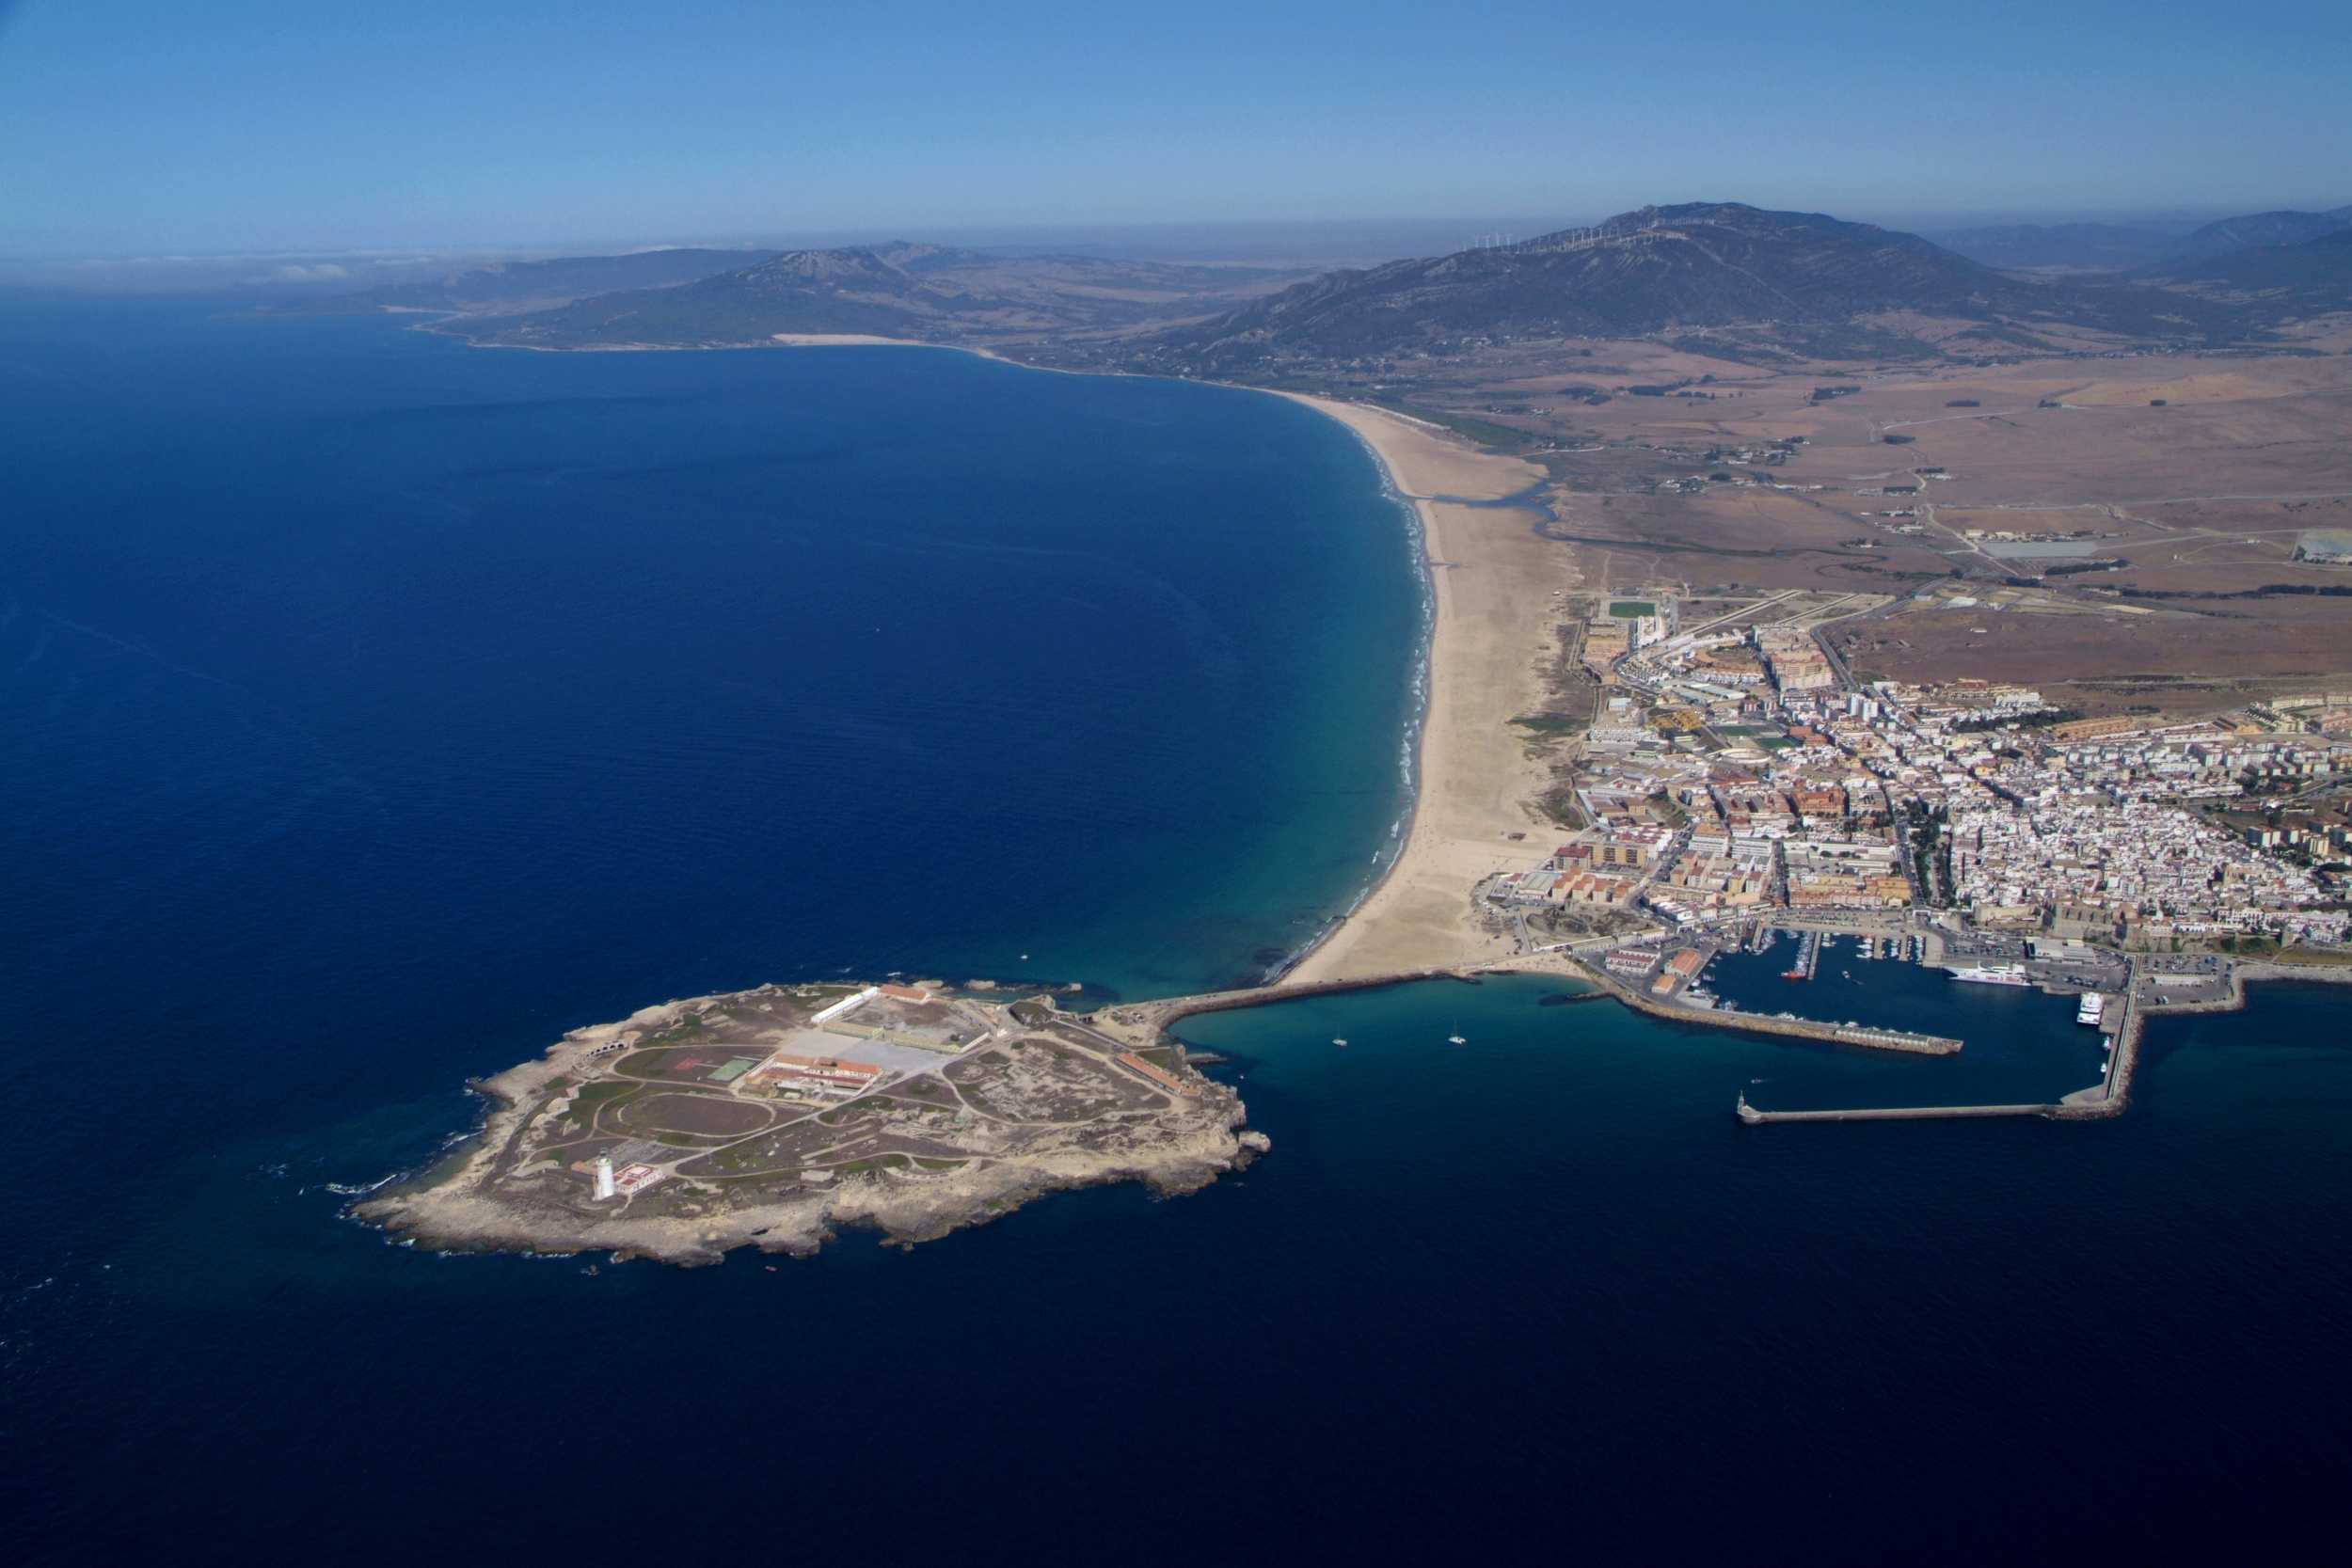 Destino - Tarifa es un lugar especial, mágico. Separa el mar mediterráneo del océano Atlántico, separa Europa de Africa. Pero lo mas característico es lo que crea. Crea olas increíbles, momentos inolvidables y amistades para siempre